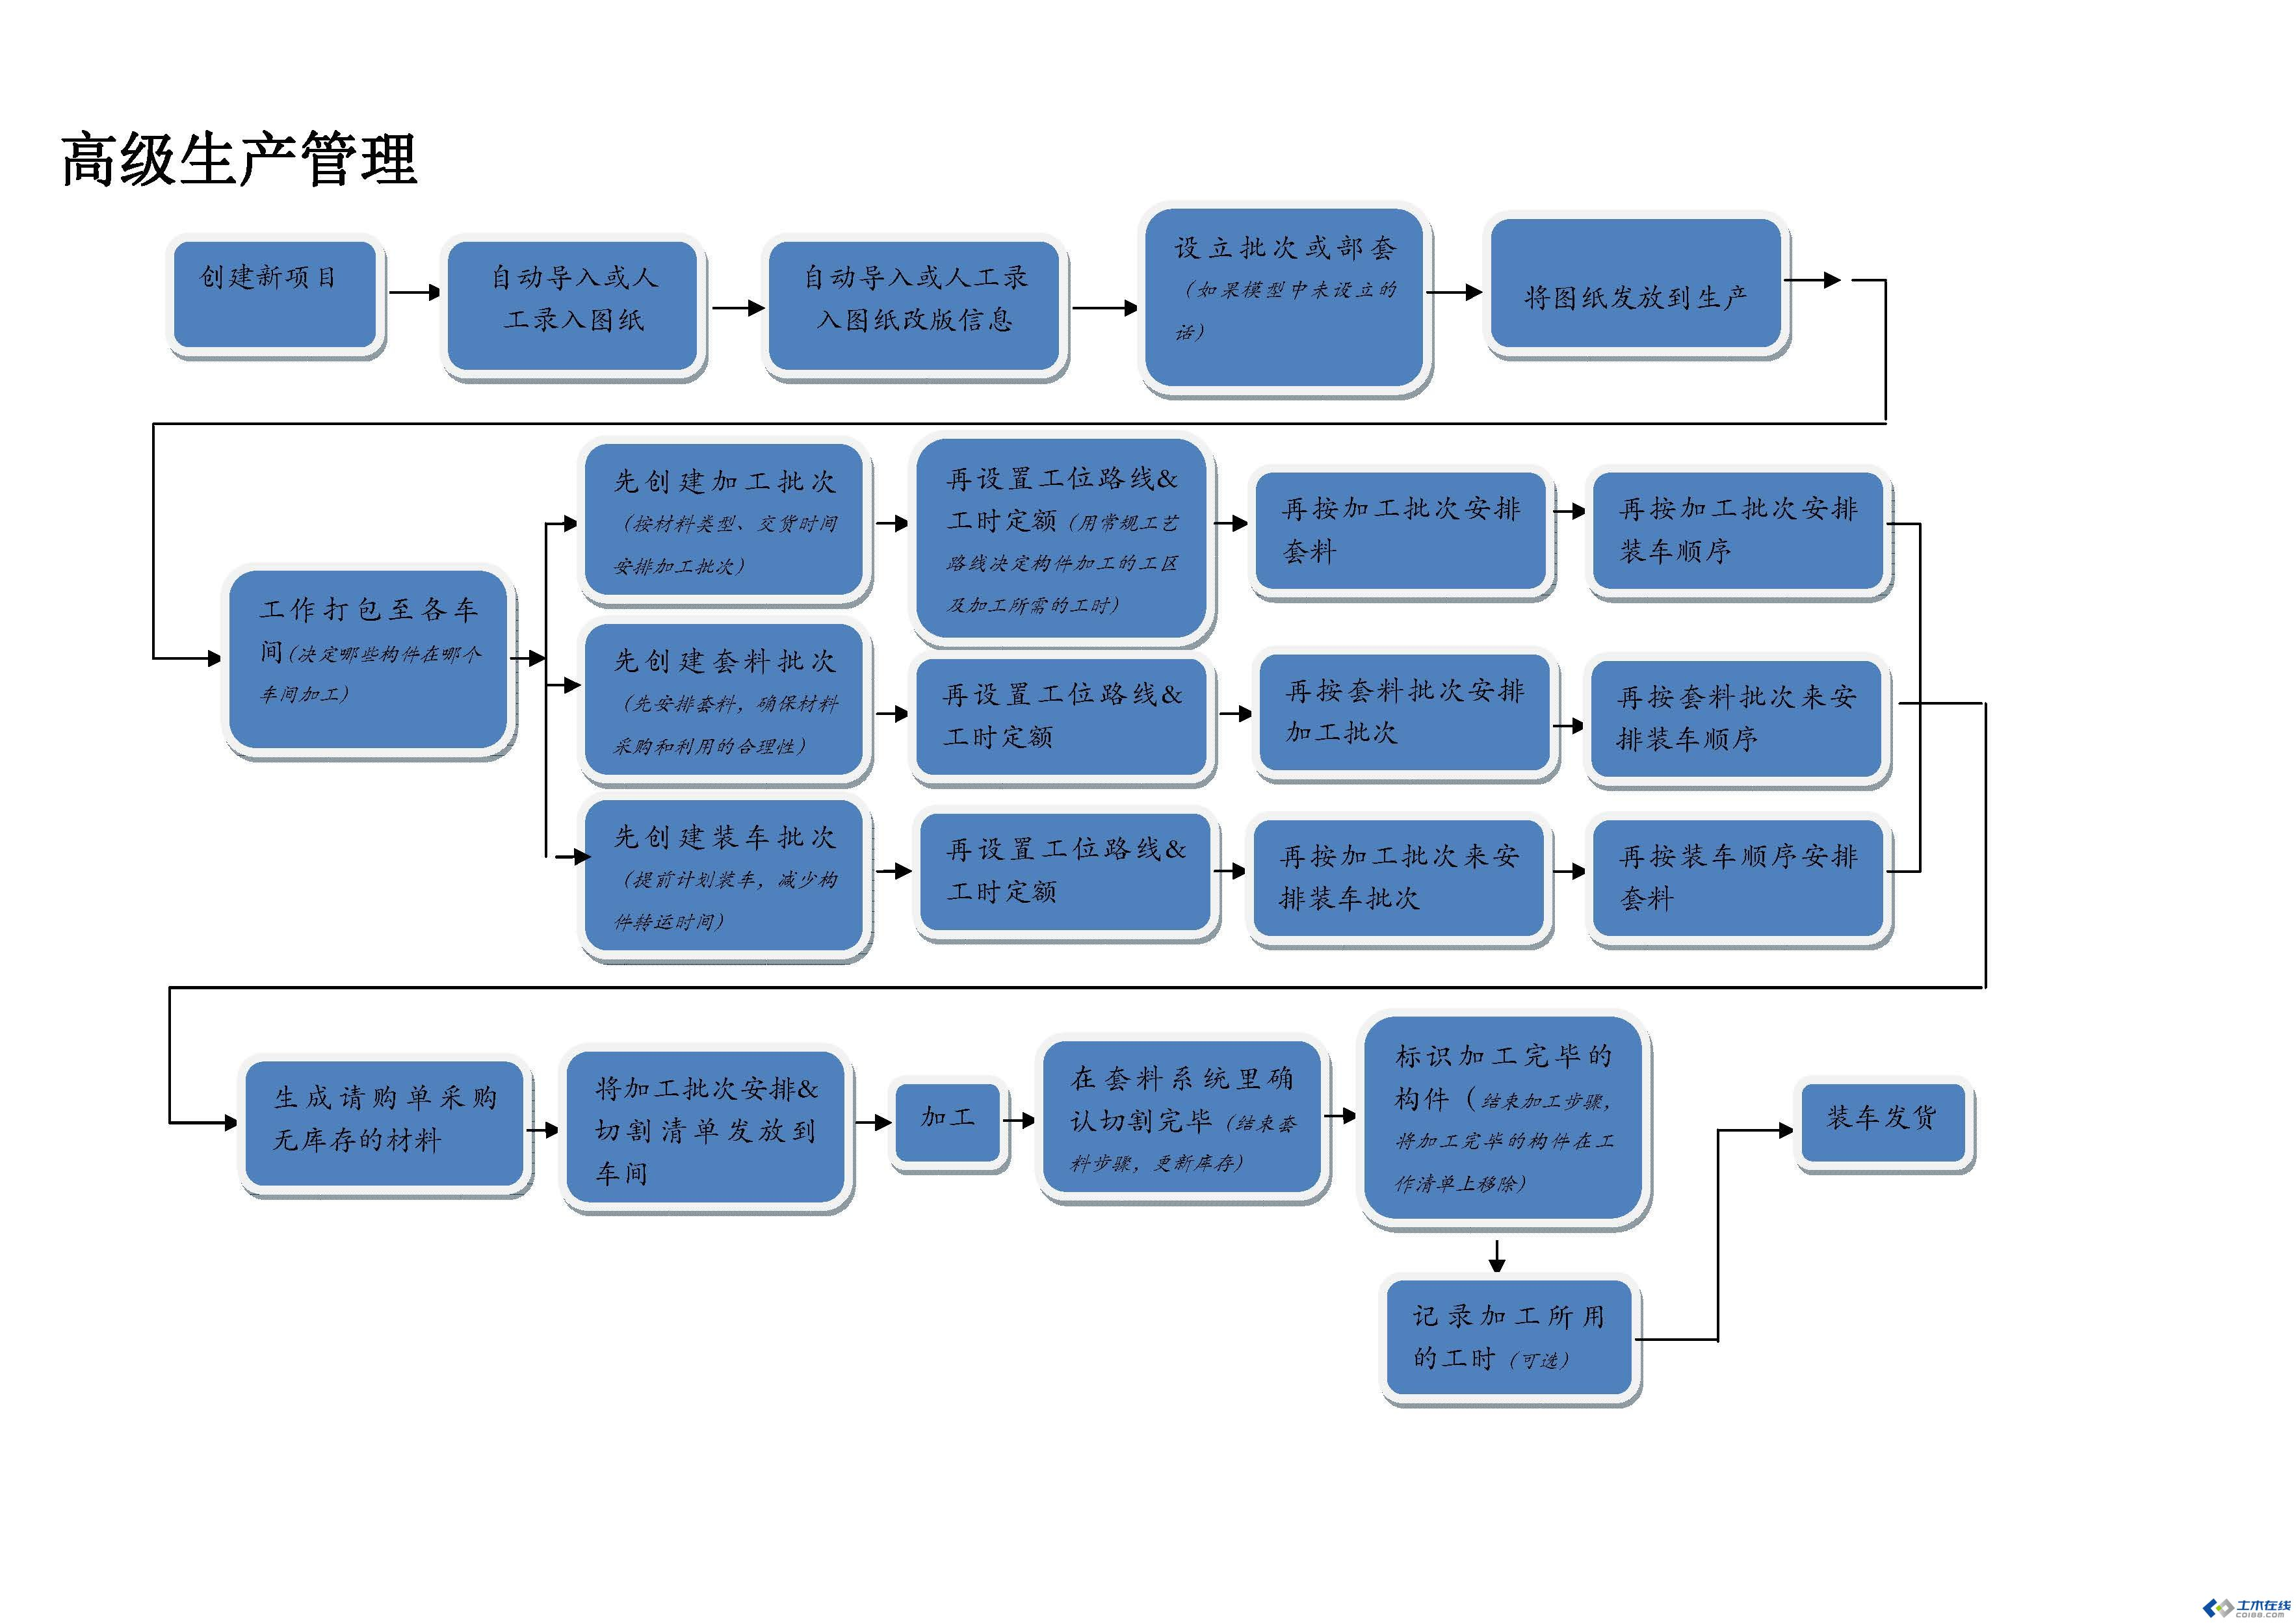 钢结构加工生产管理系统fabtrol mrp-土木在线论坛